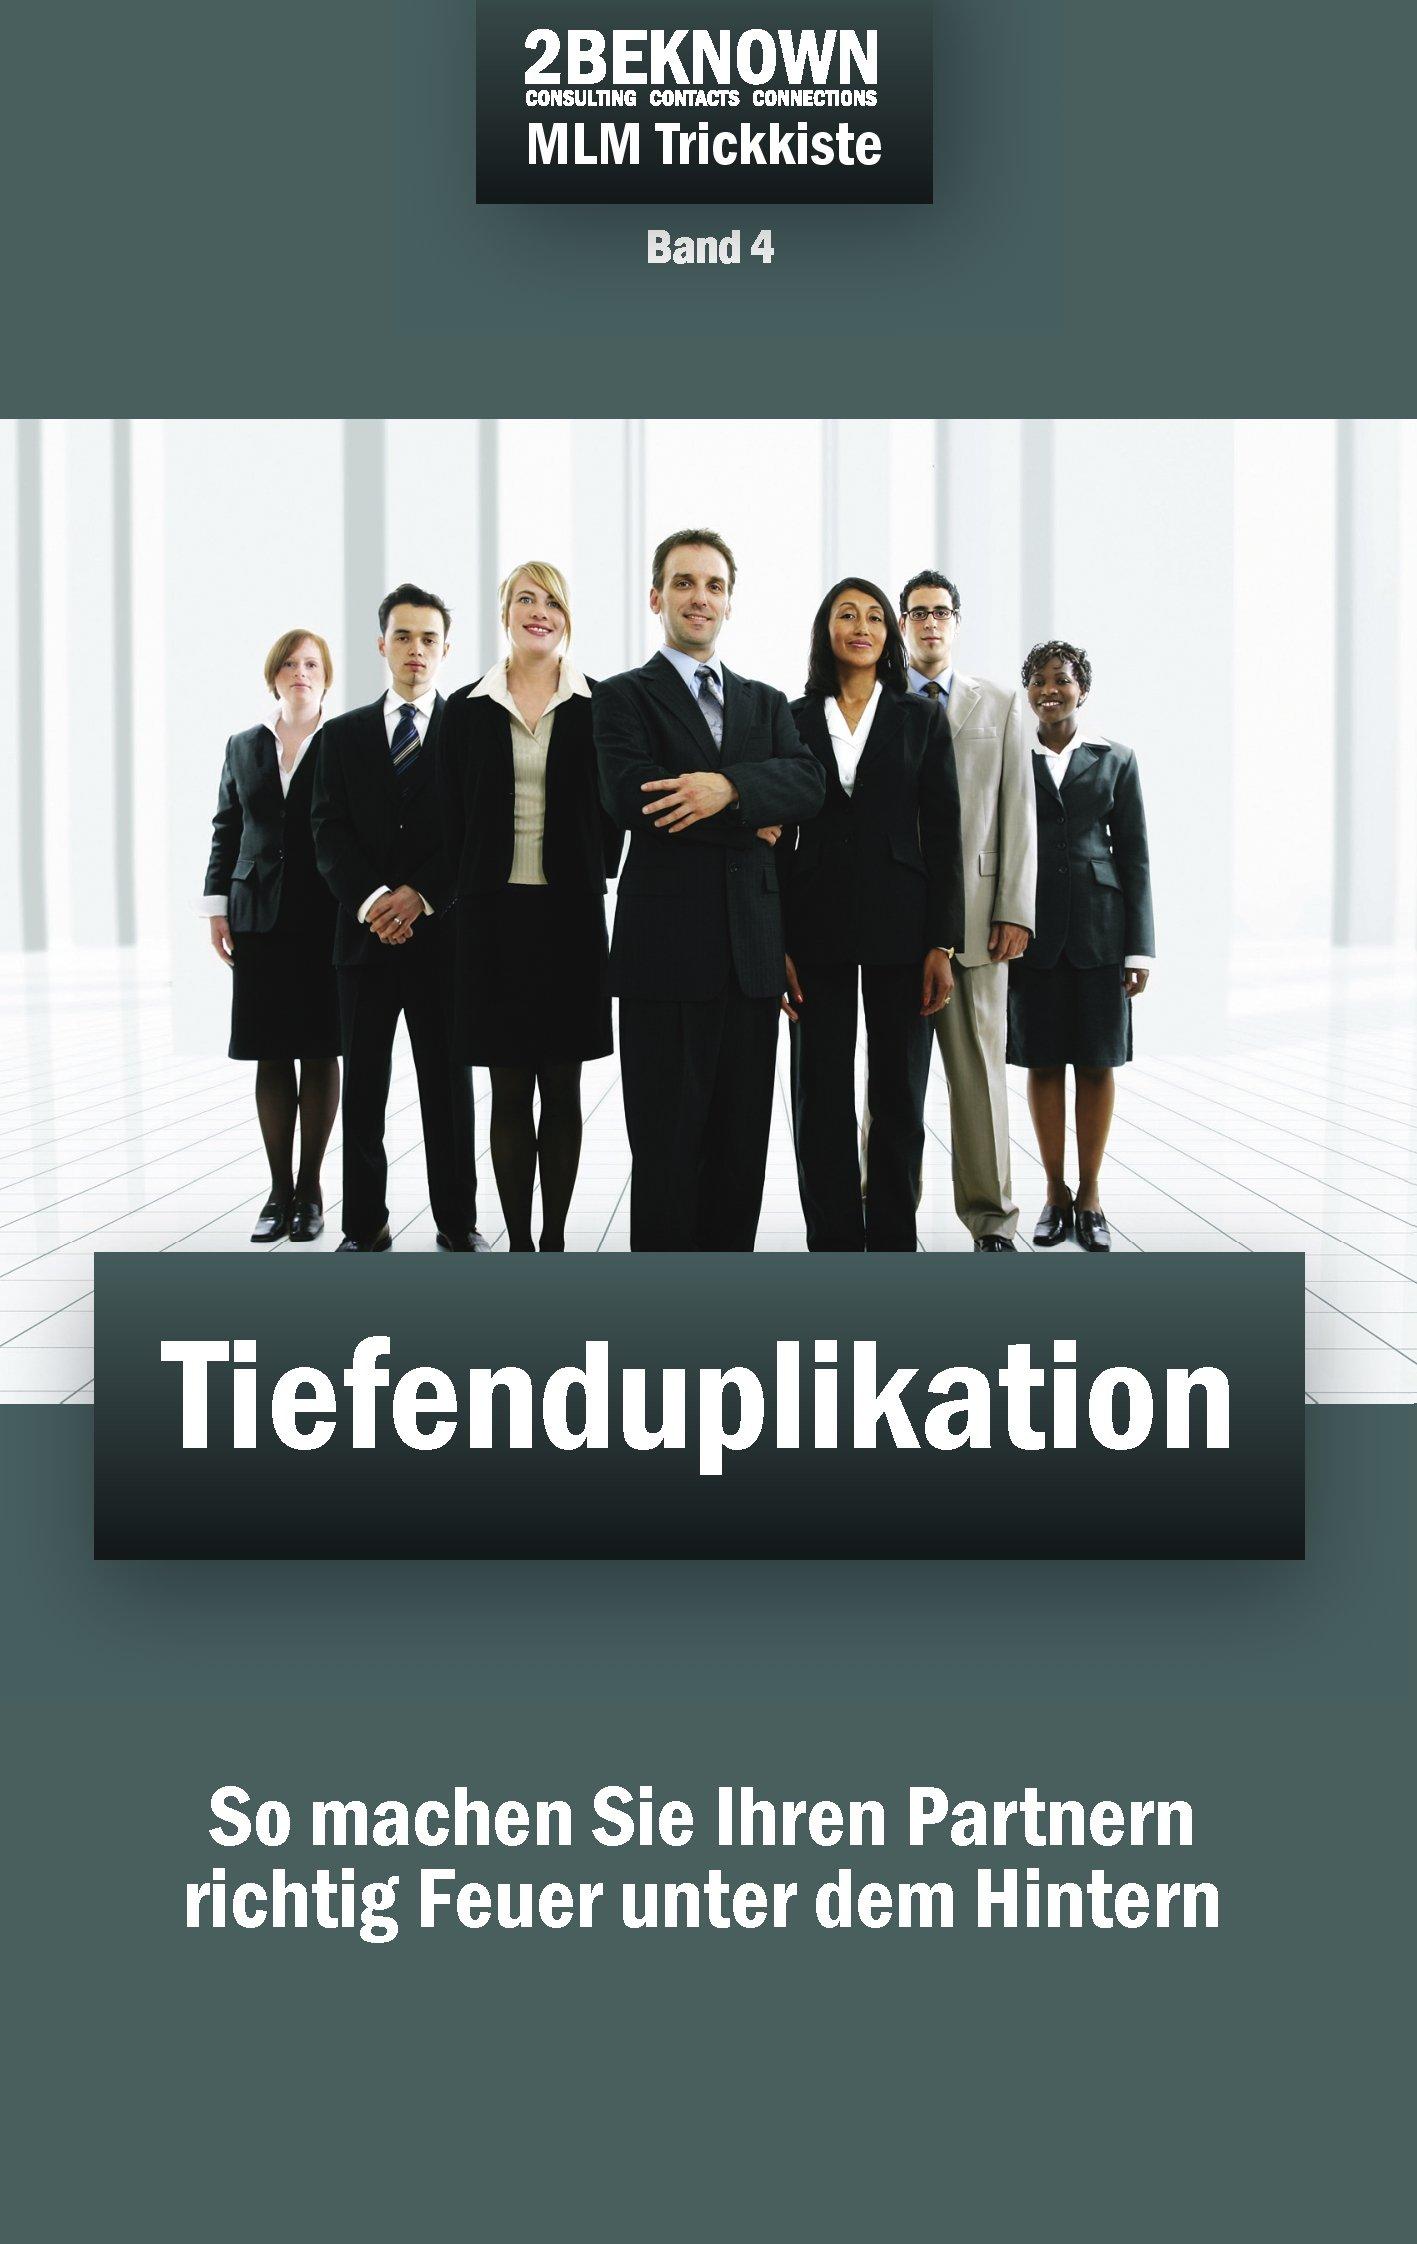 REKRU-TIER MLM Trickkiste Band 4: Tiefenduplikation (German Edition) PDF Text fb2 book